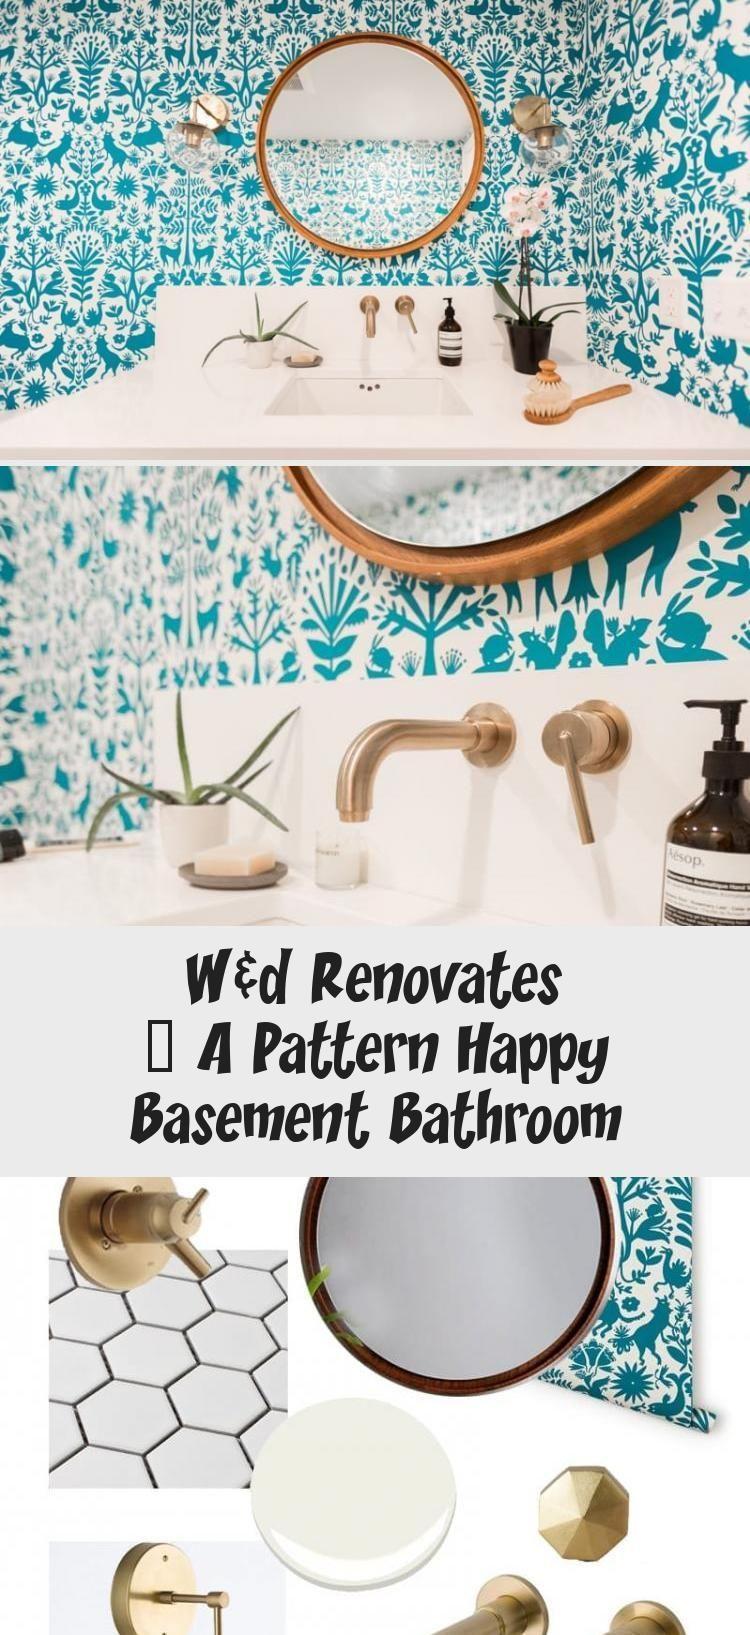 W&d Renovates – A Pattern Happy Basement Bathroom - Bathroom#basement #bathroom #happy #pattern #renovates